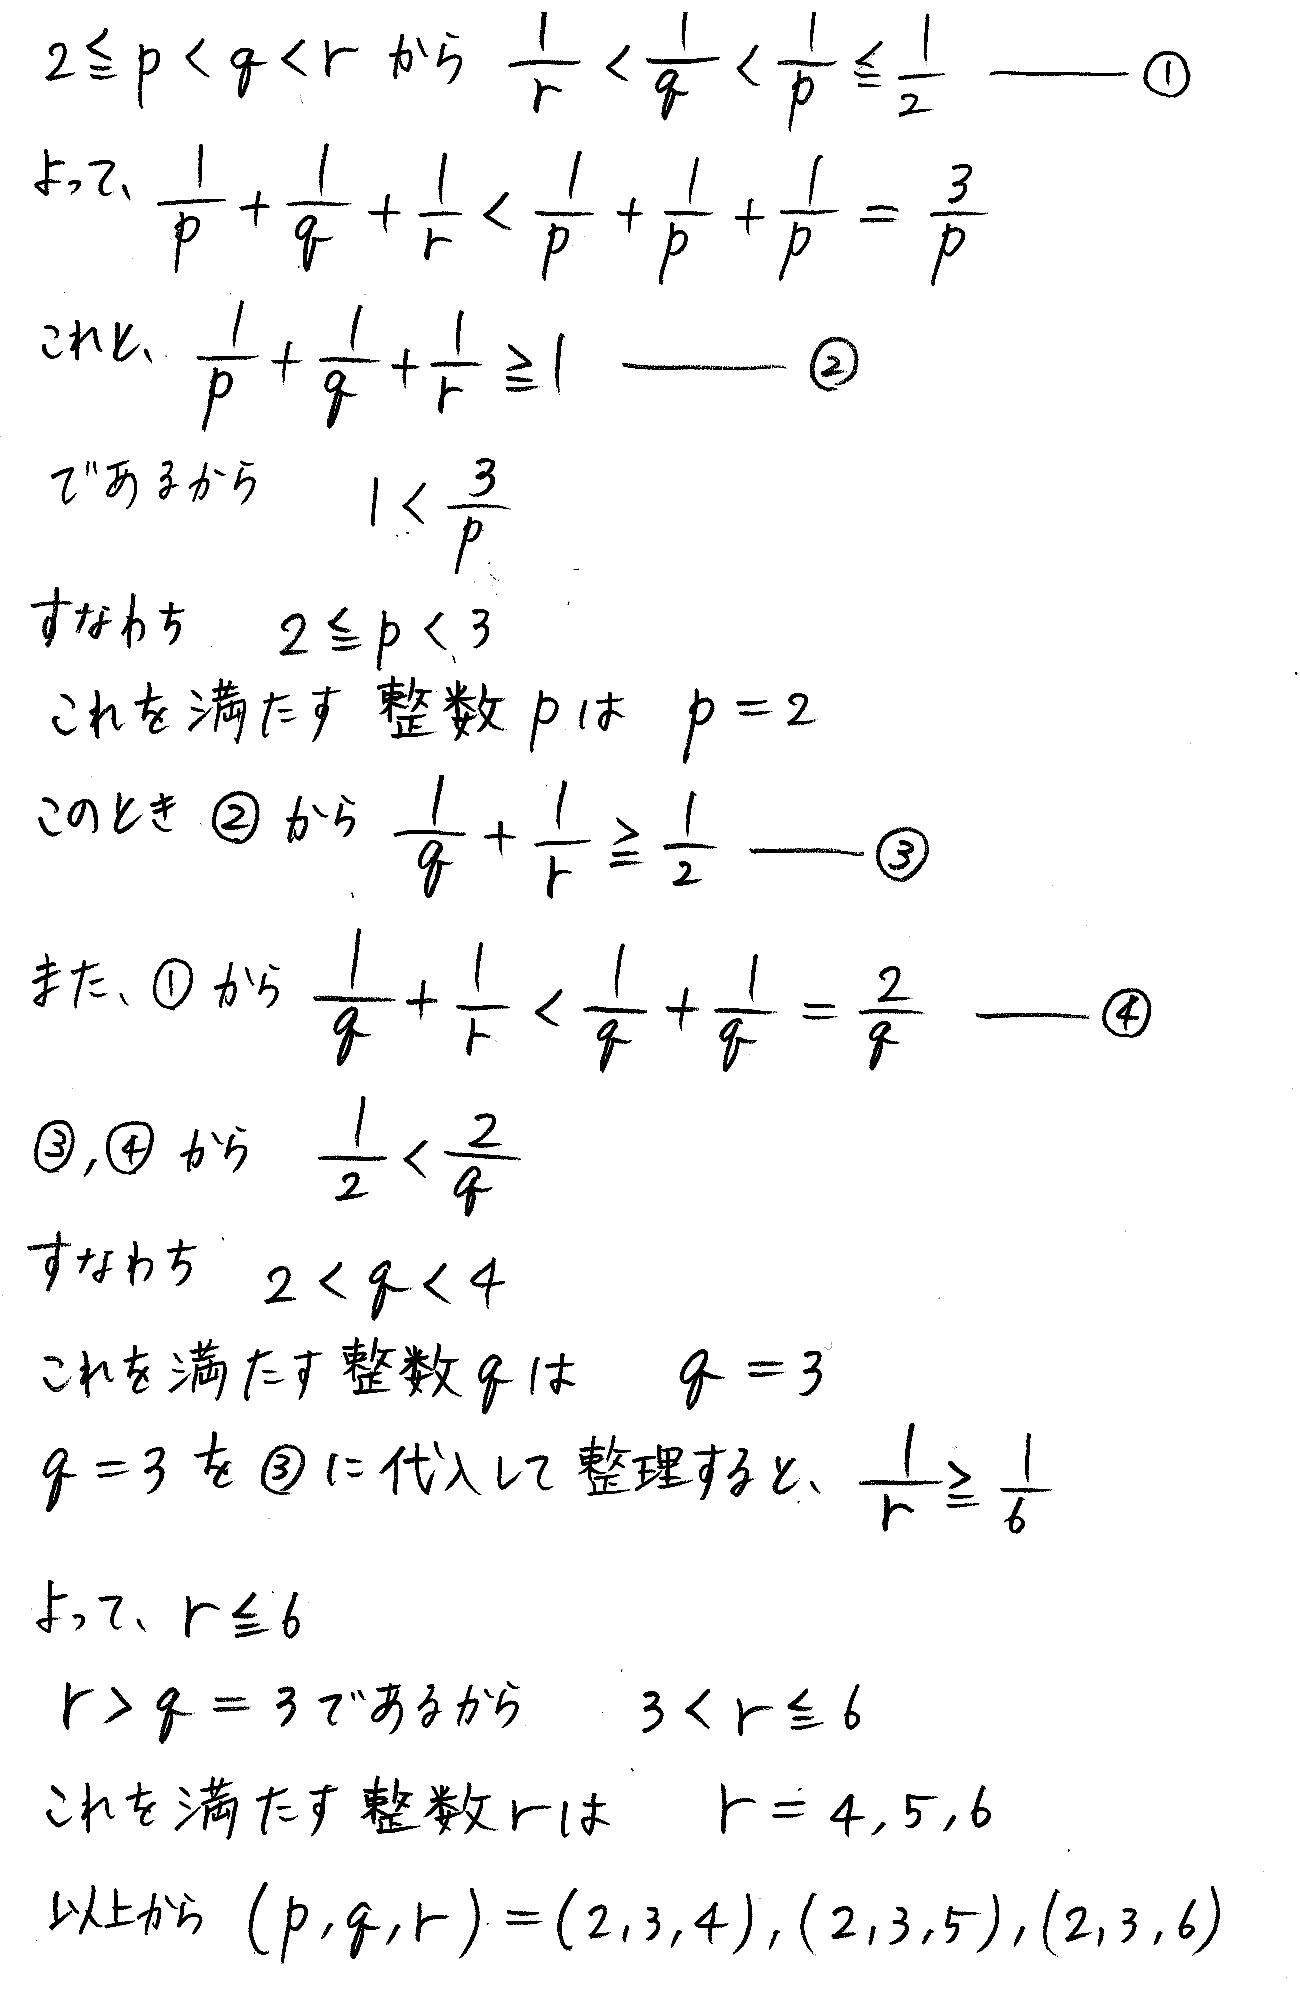 クリアー数学演習12AB受験編-13解答